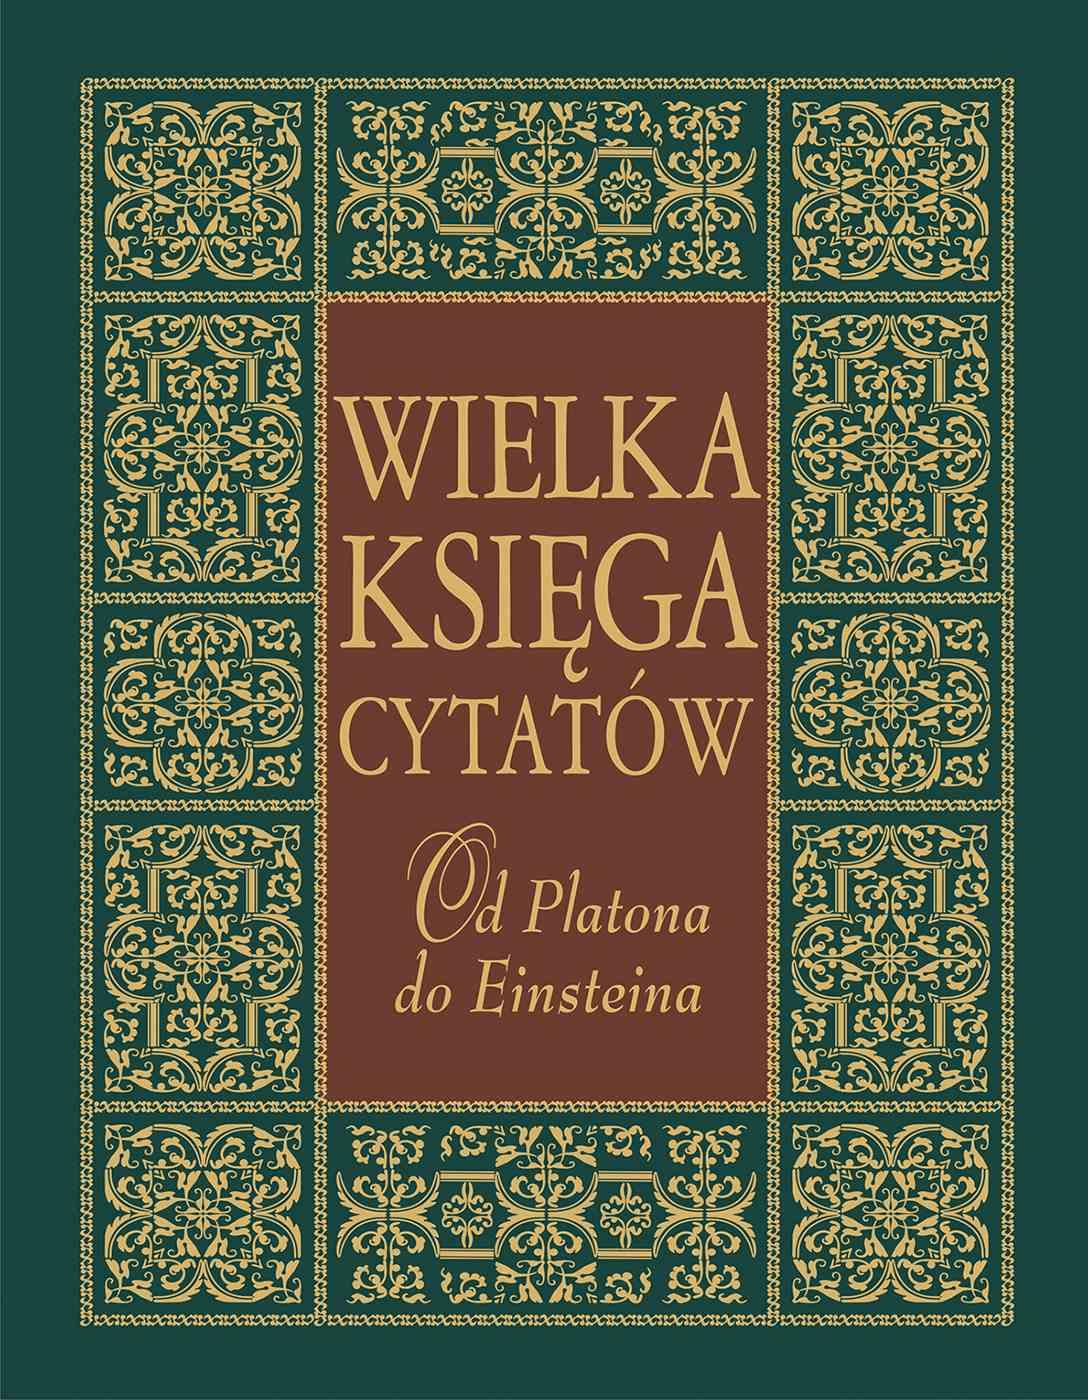 Wielka księga cytatów. Od Platona do Einsteina - Ebook (Książka EPUB) do pobrania w formacie EPUB